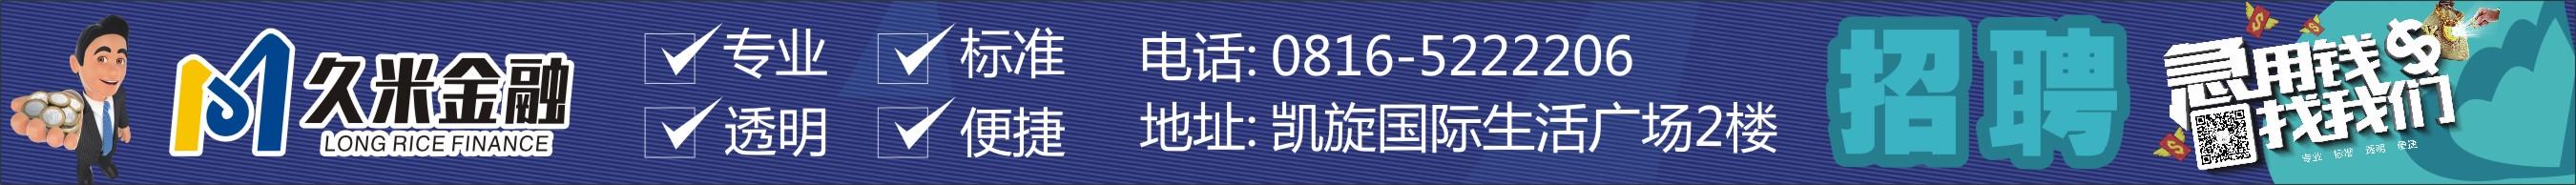 四川久米锦荣商务服务有限公司